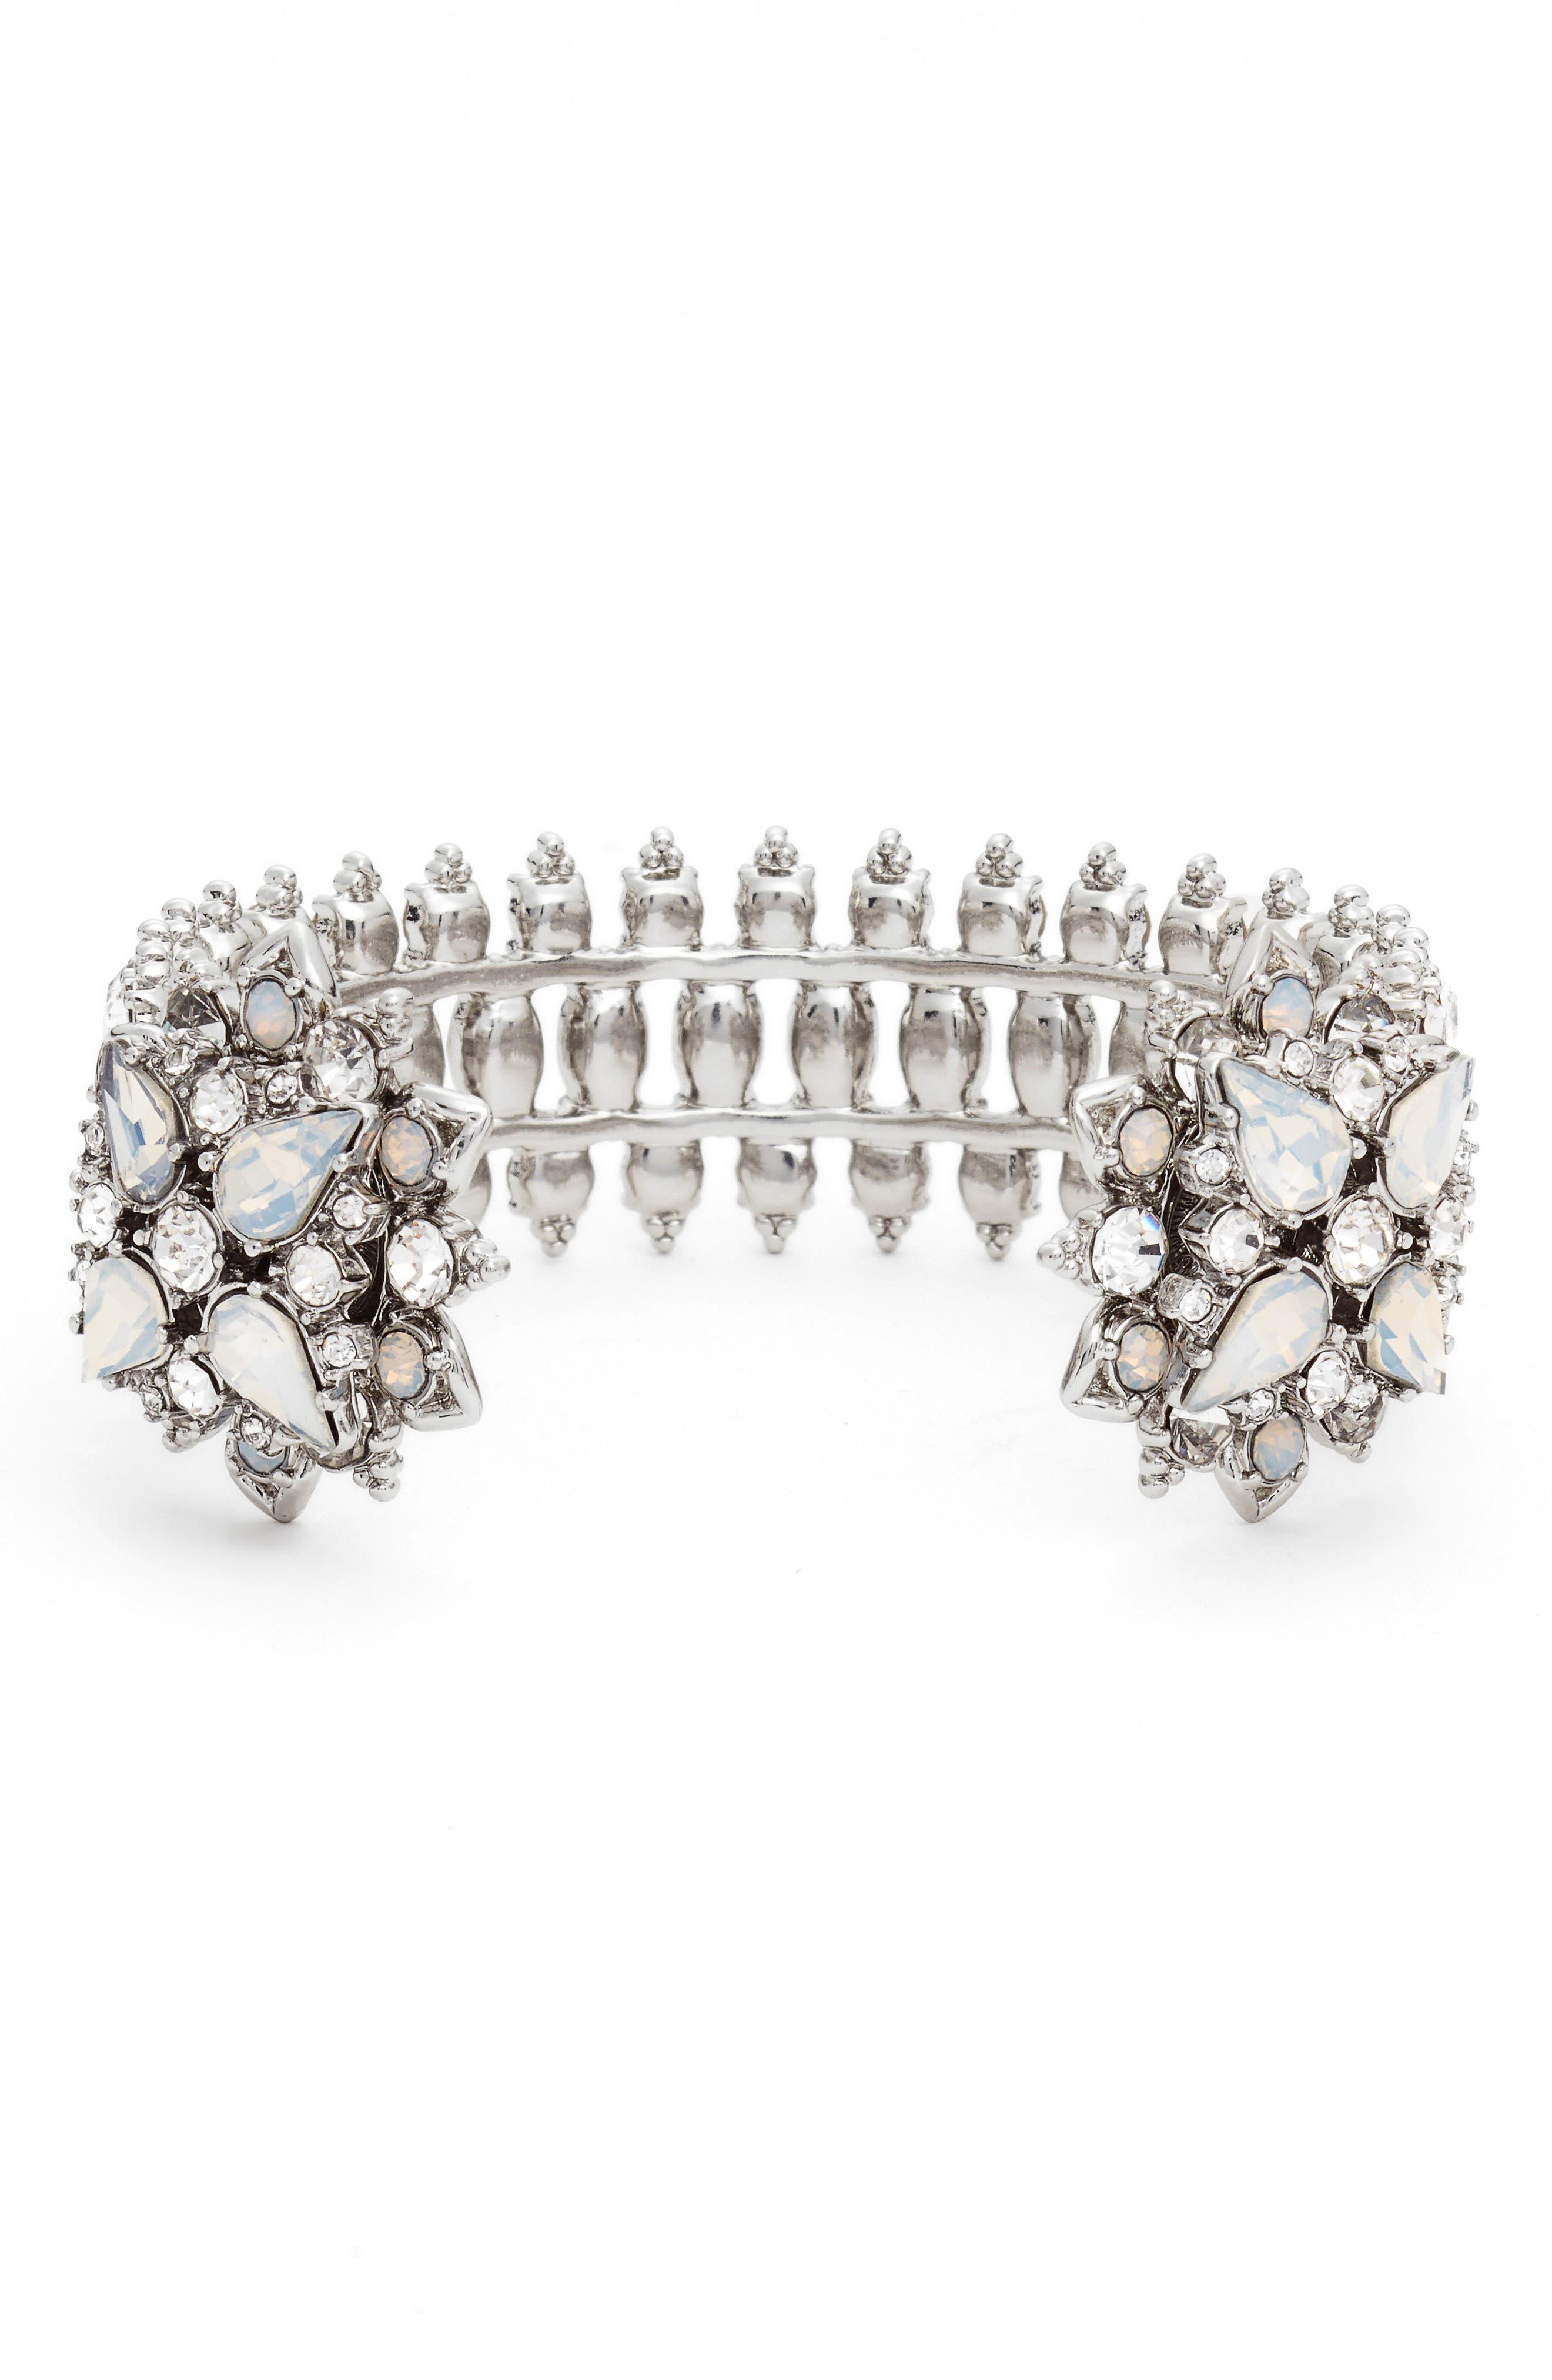 Crystal Wrist Cuff,                         Main,                         color, Rhodium/ White Multi